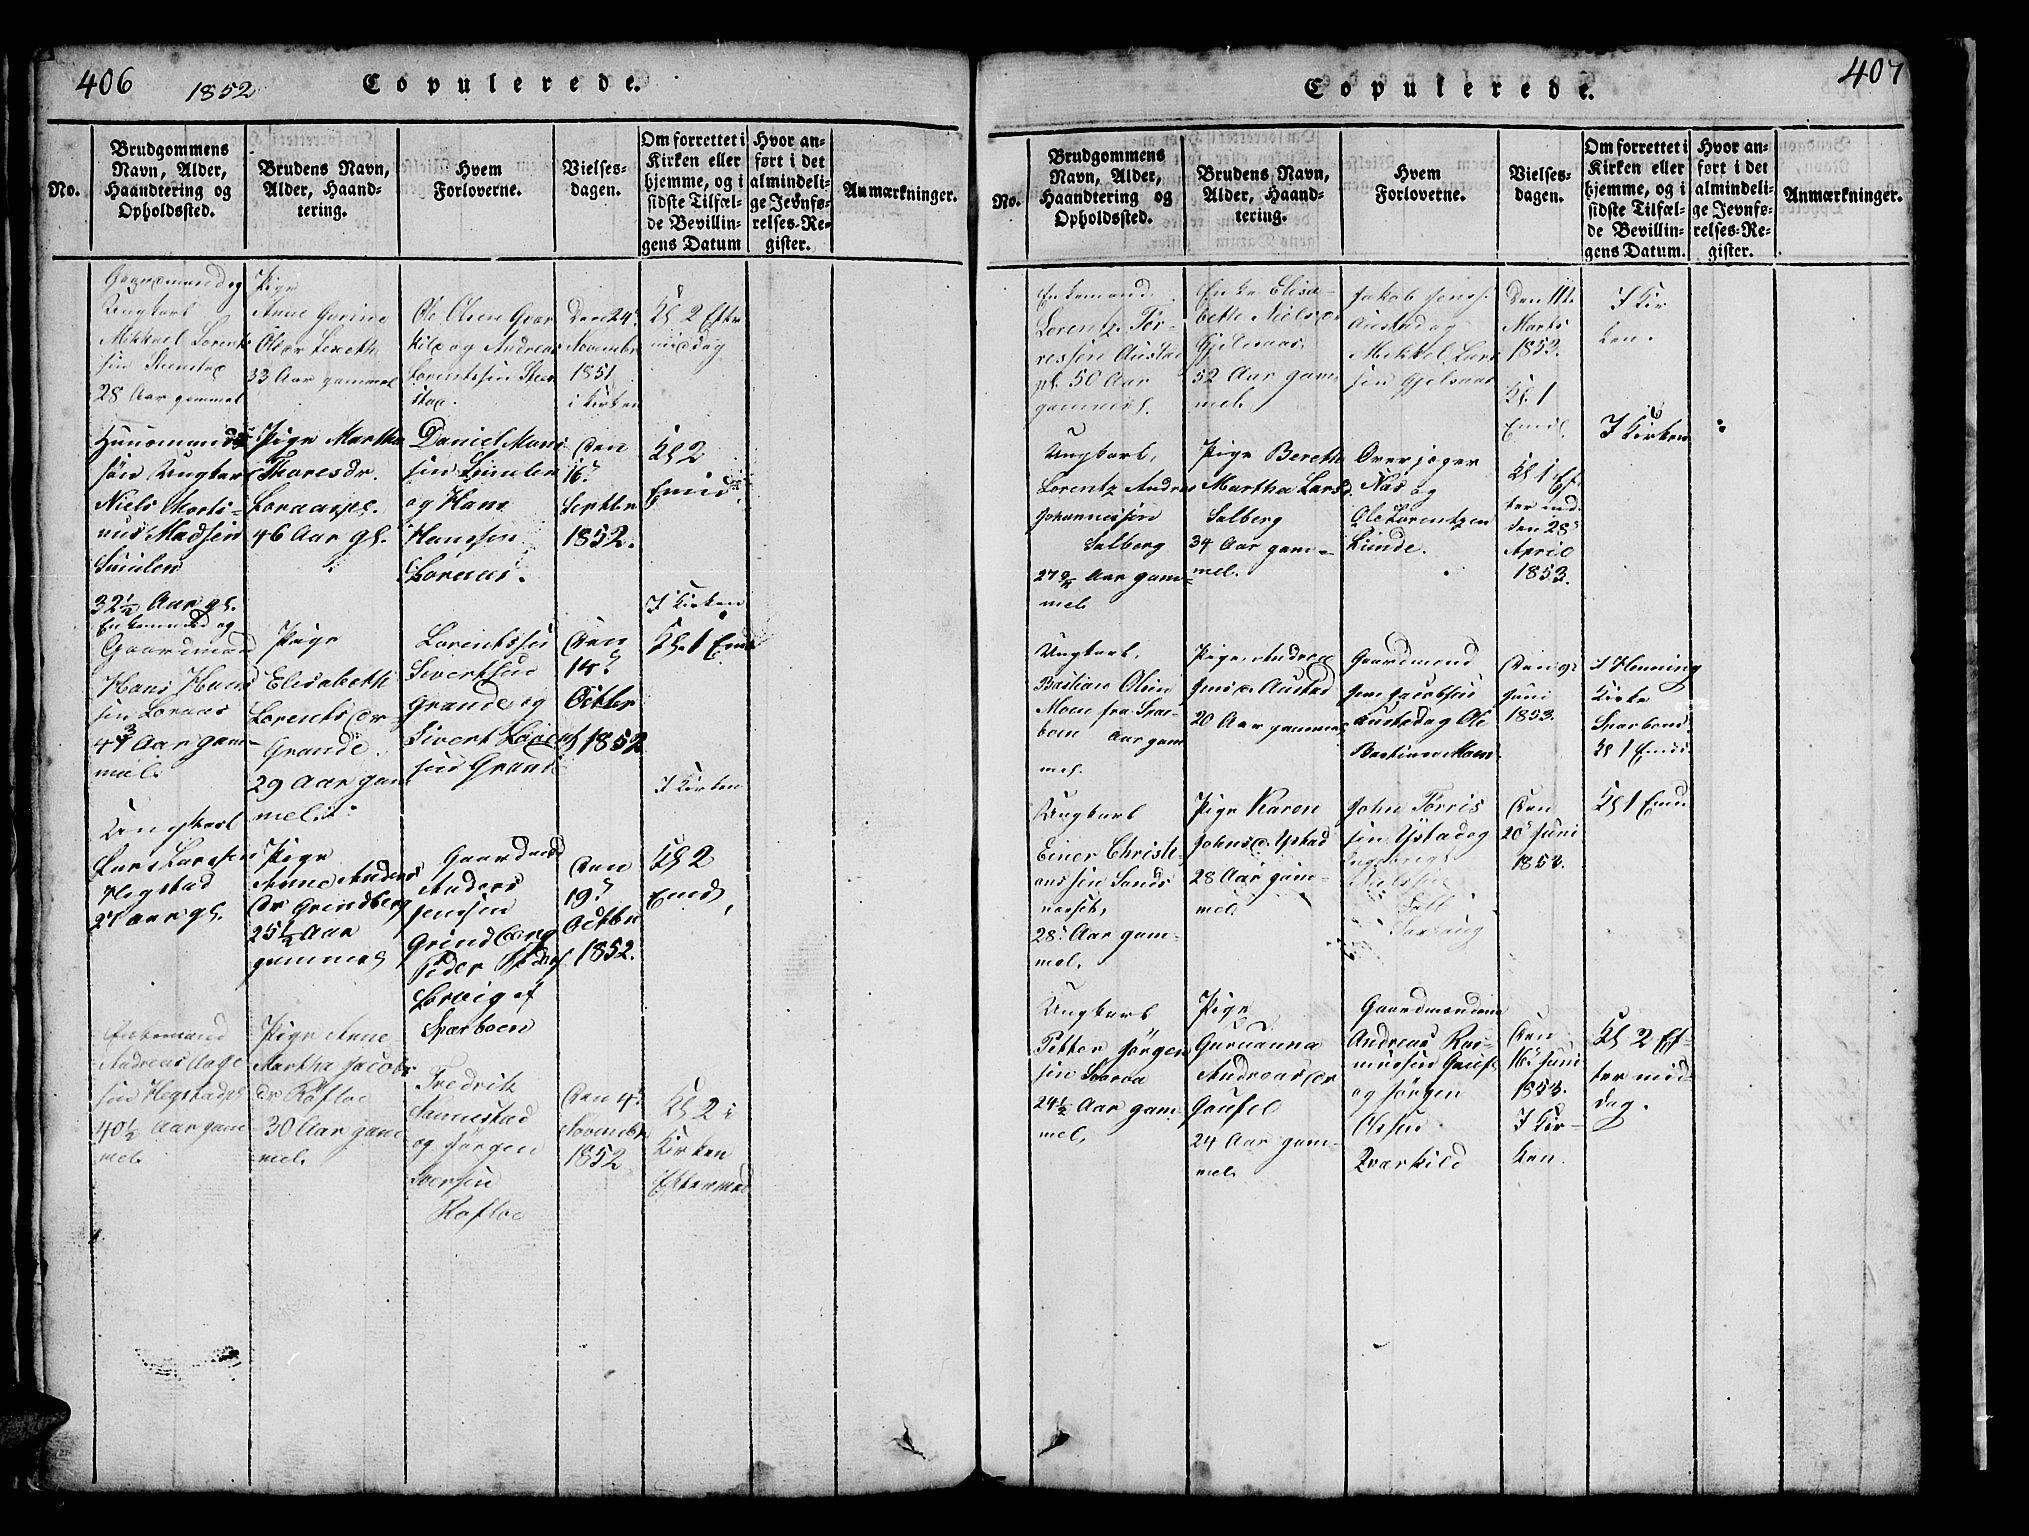 SAT, Ministerialprotokoller, klokkerbøker og fødselsregistre - Nord-Trøndelag, 731/L0310: Klokkerbok nr. 731C01, 1816-1874, s. 406-407